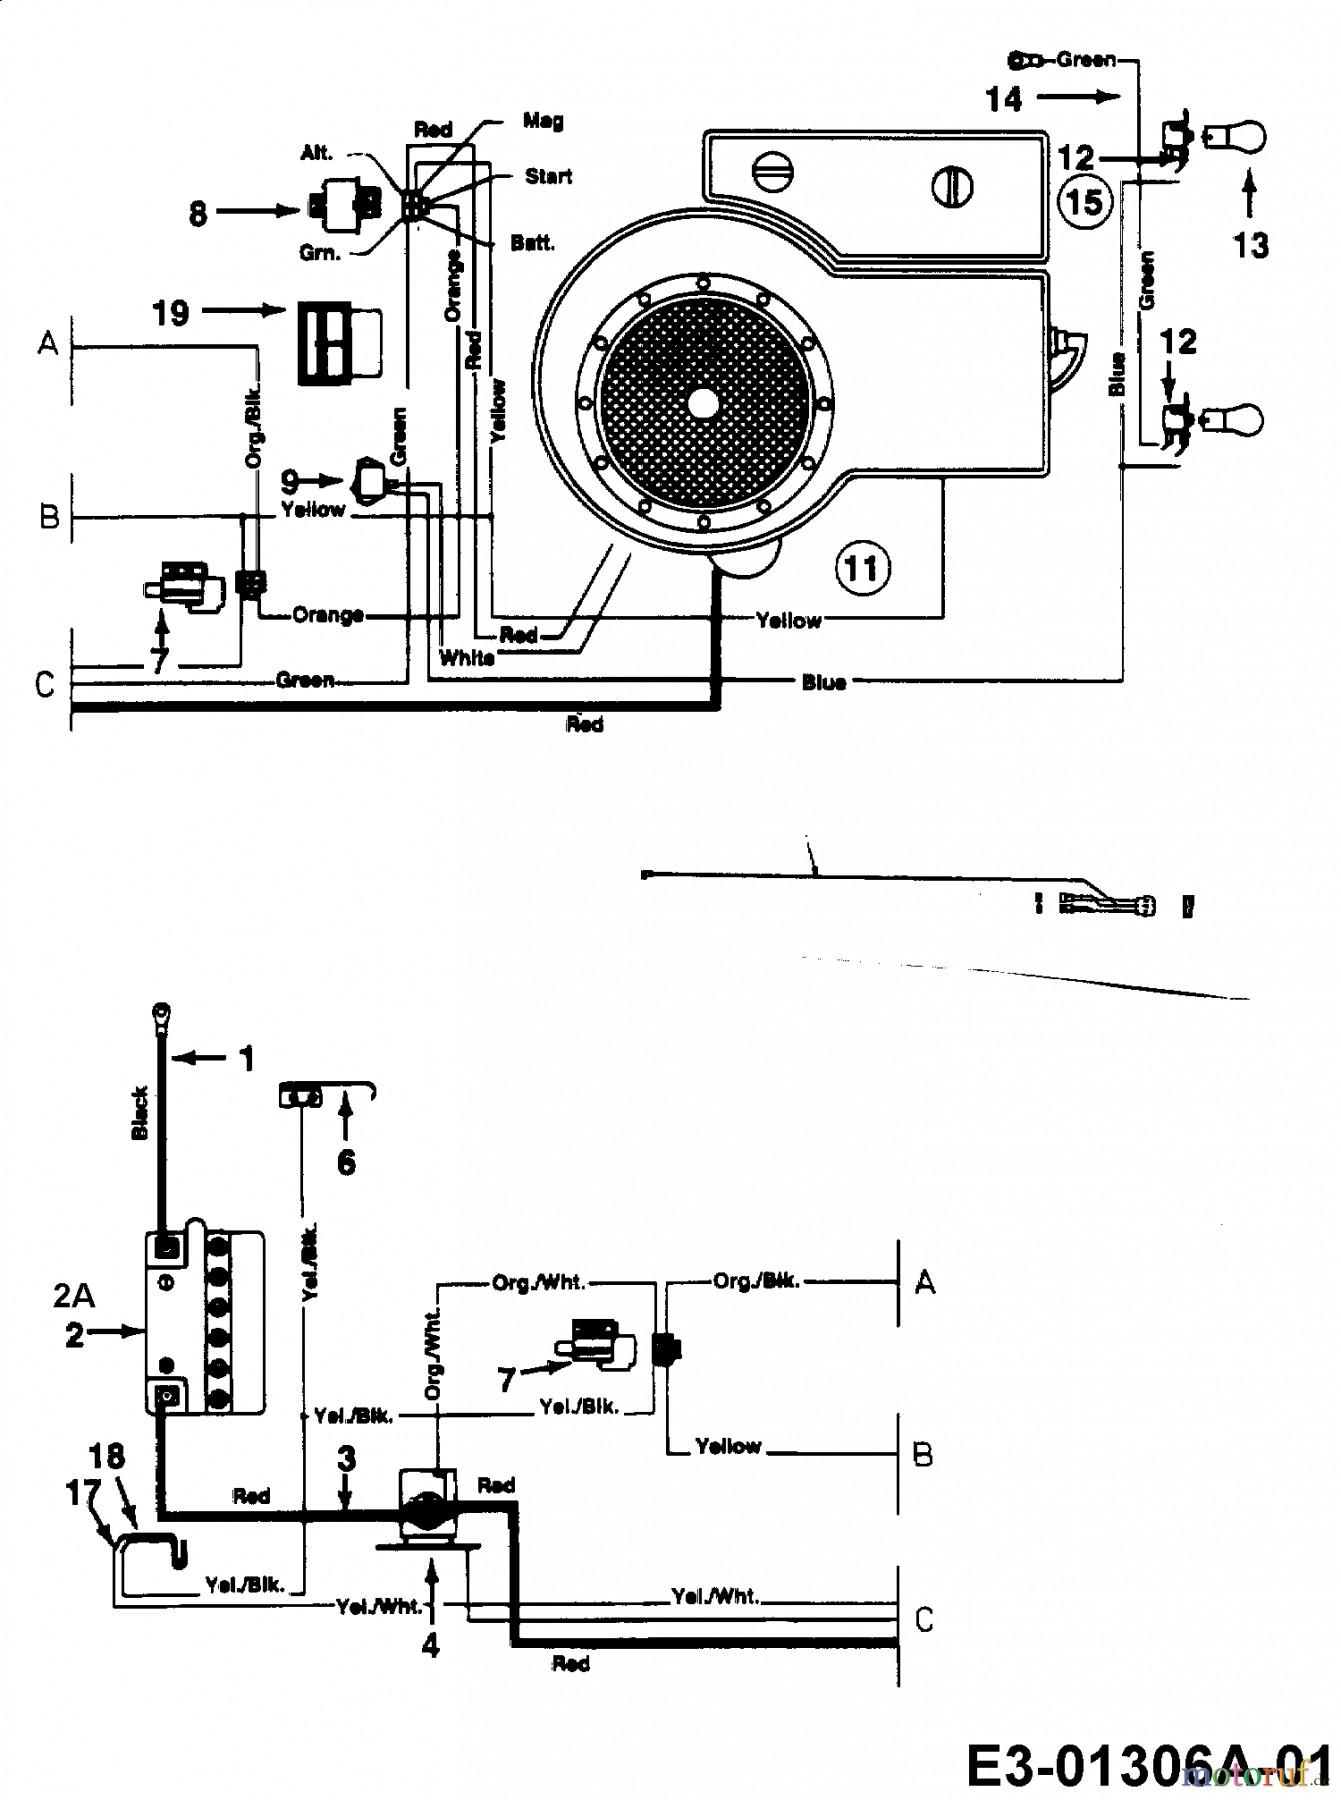 Craftsman Riding Mower Wiring Diagram | Wiring Diagram Image